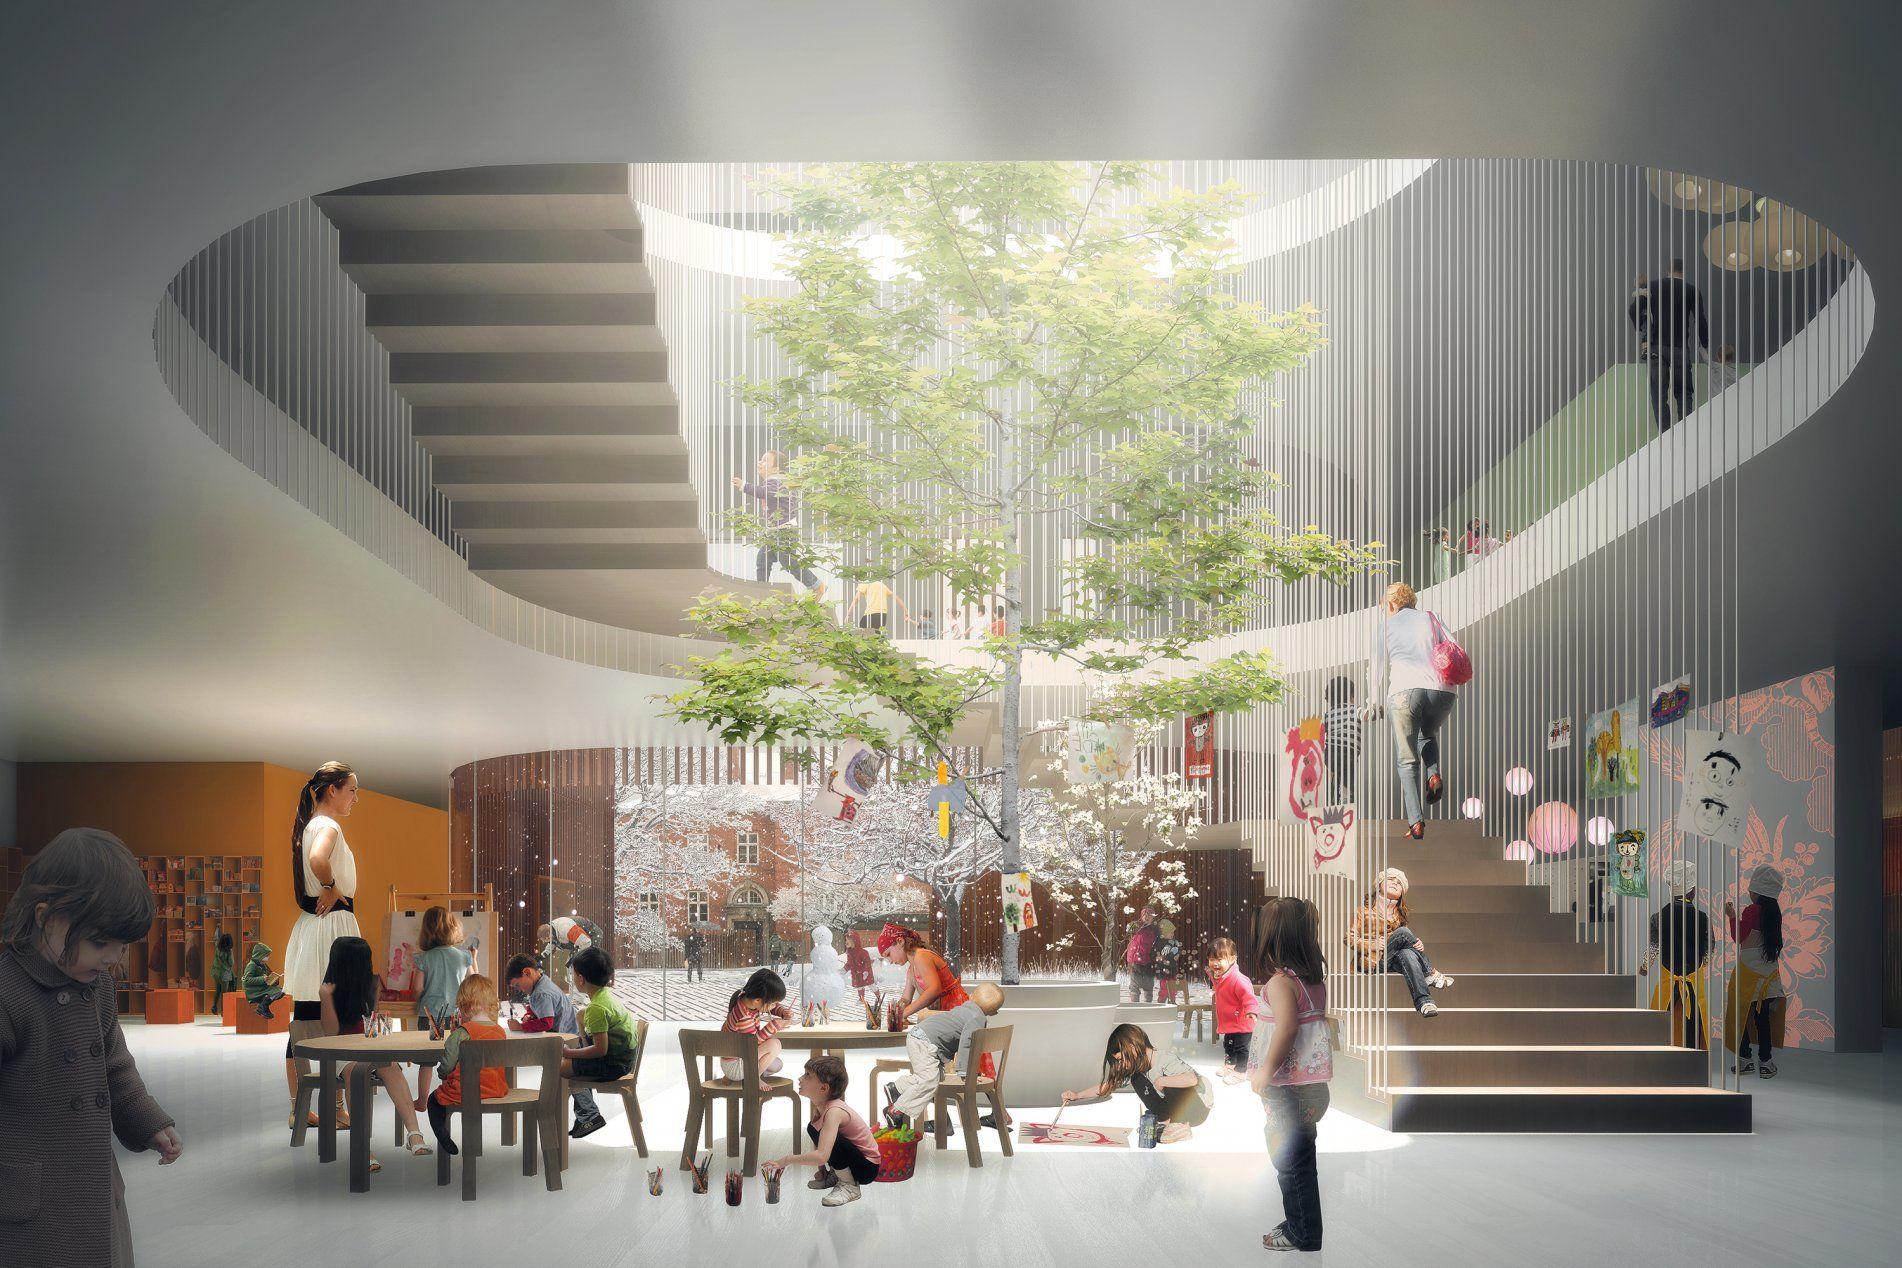 COBE - Forfatterhuset Kindergarten | Projects to Try | School design ...